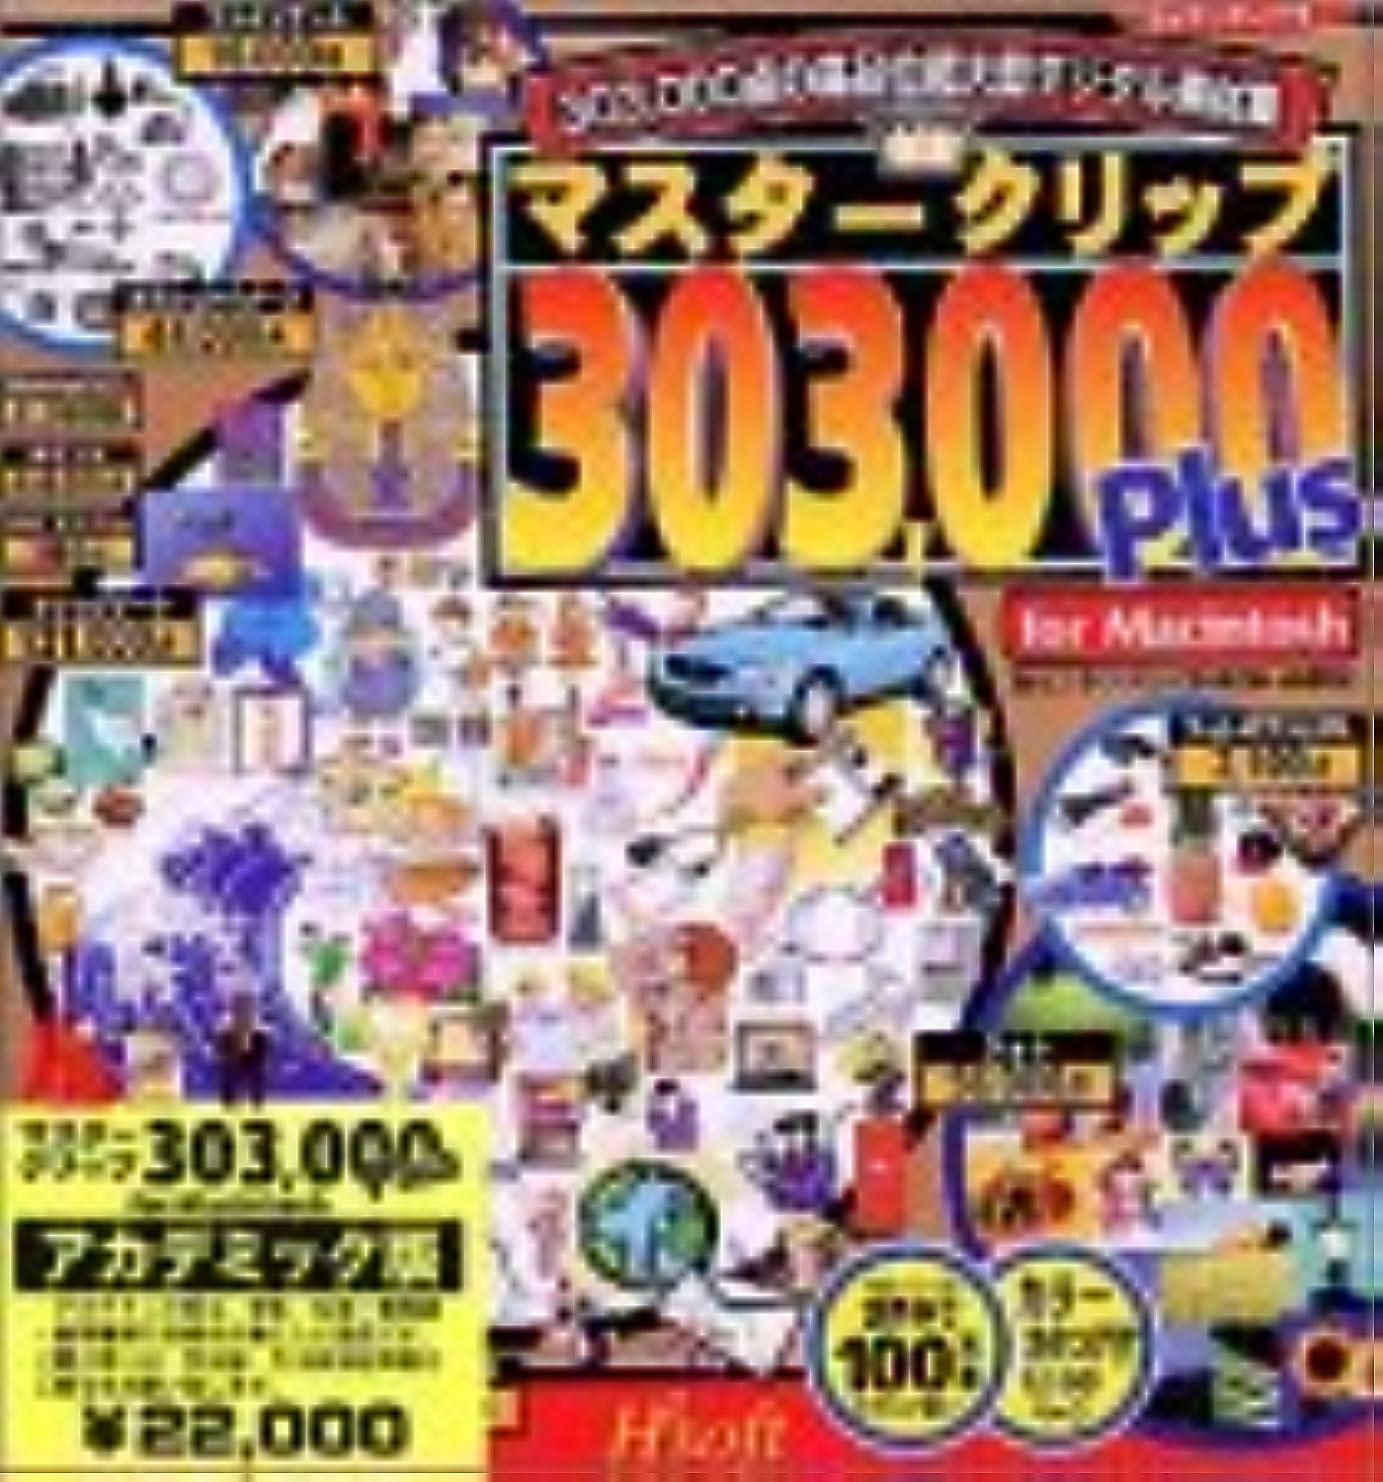 セグメントトラクター限りマスタークリップ 303000 Plus for Macintosh アカデミック版